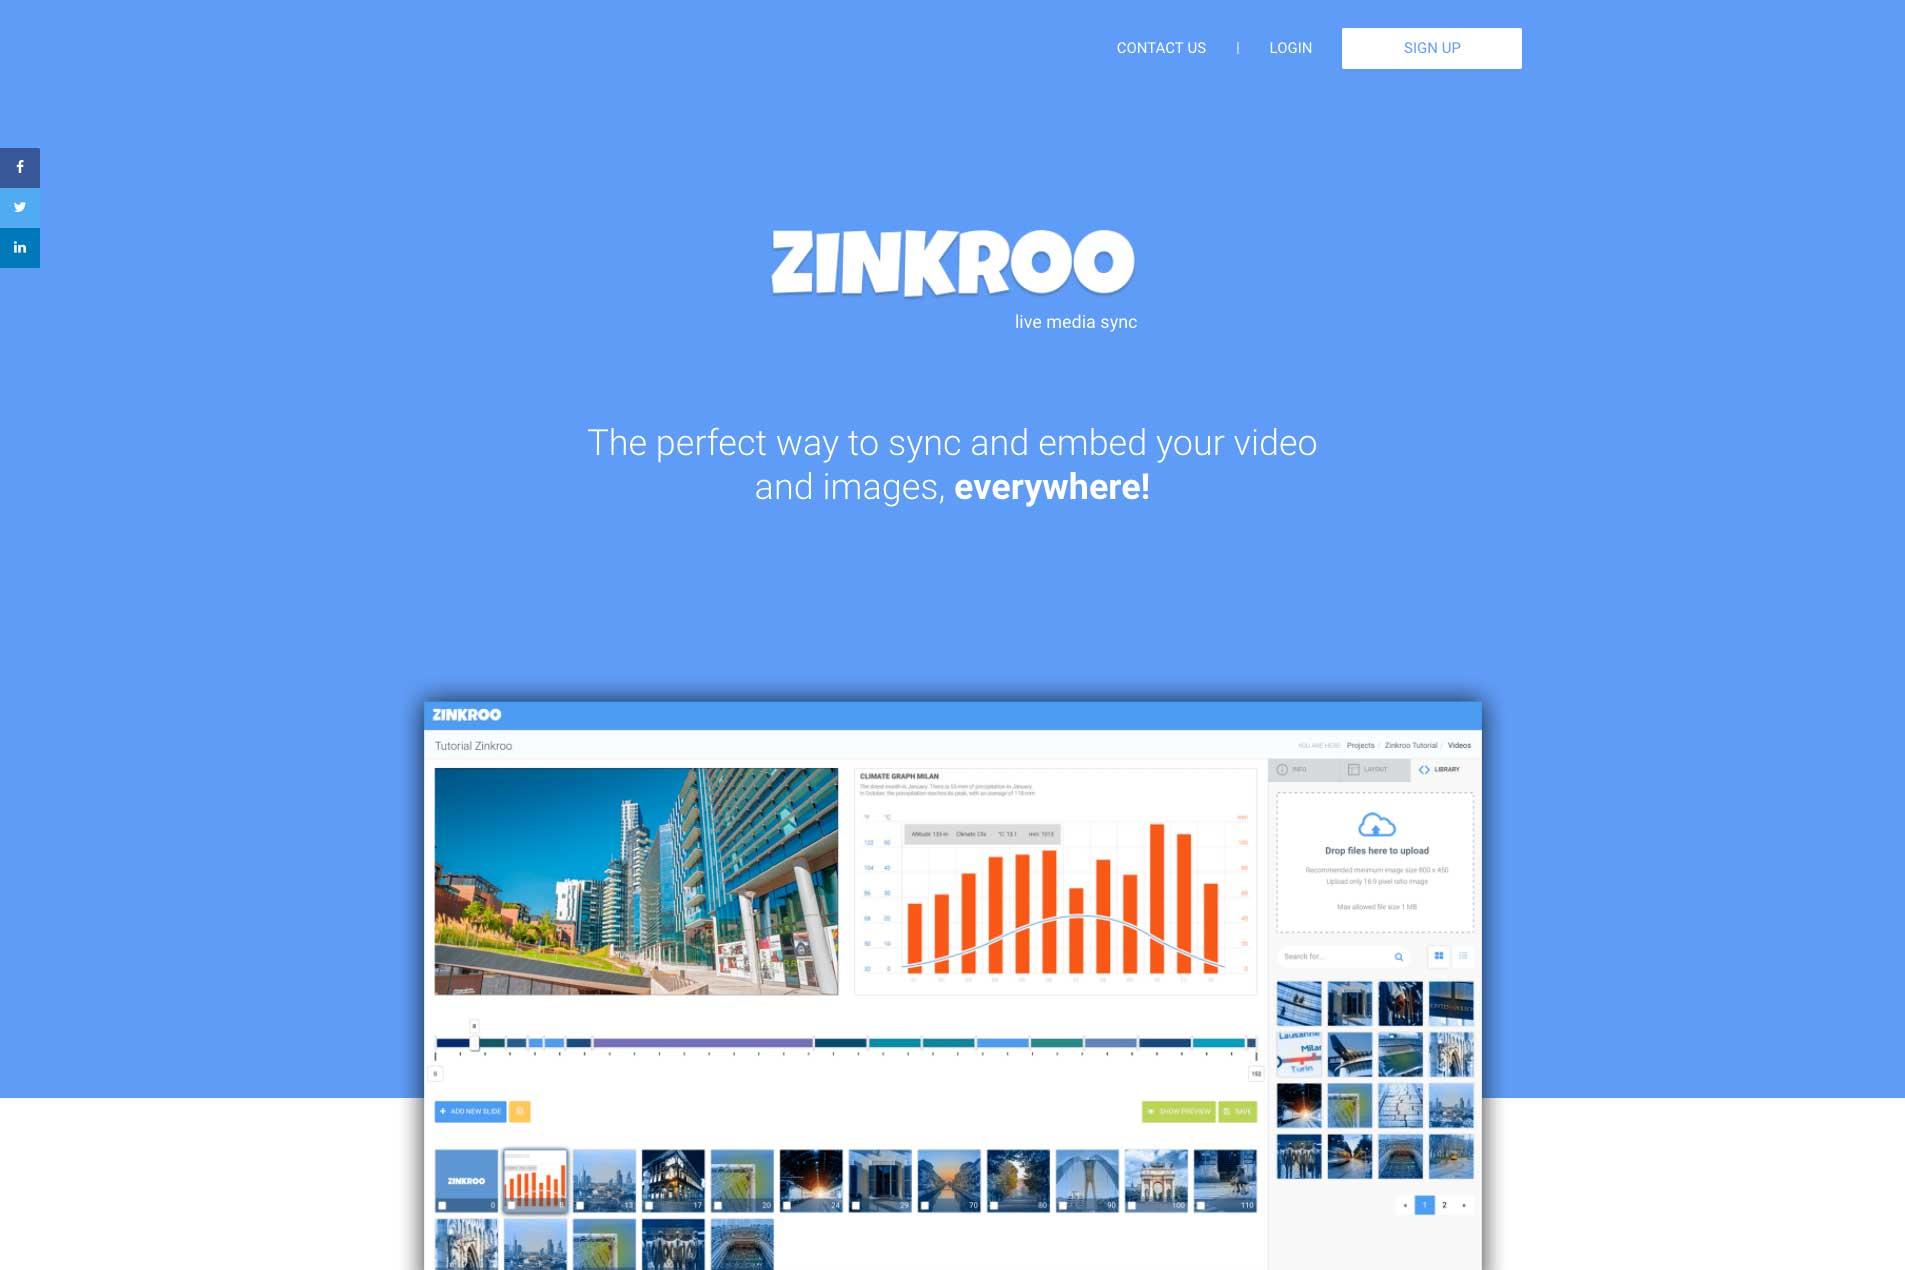 zinkroo